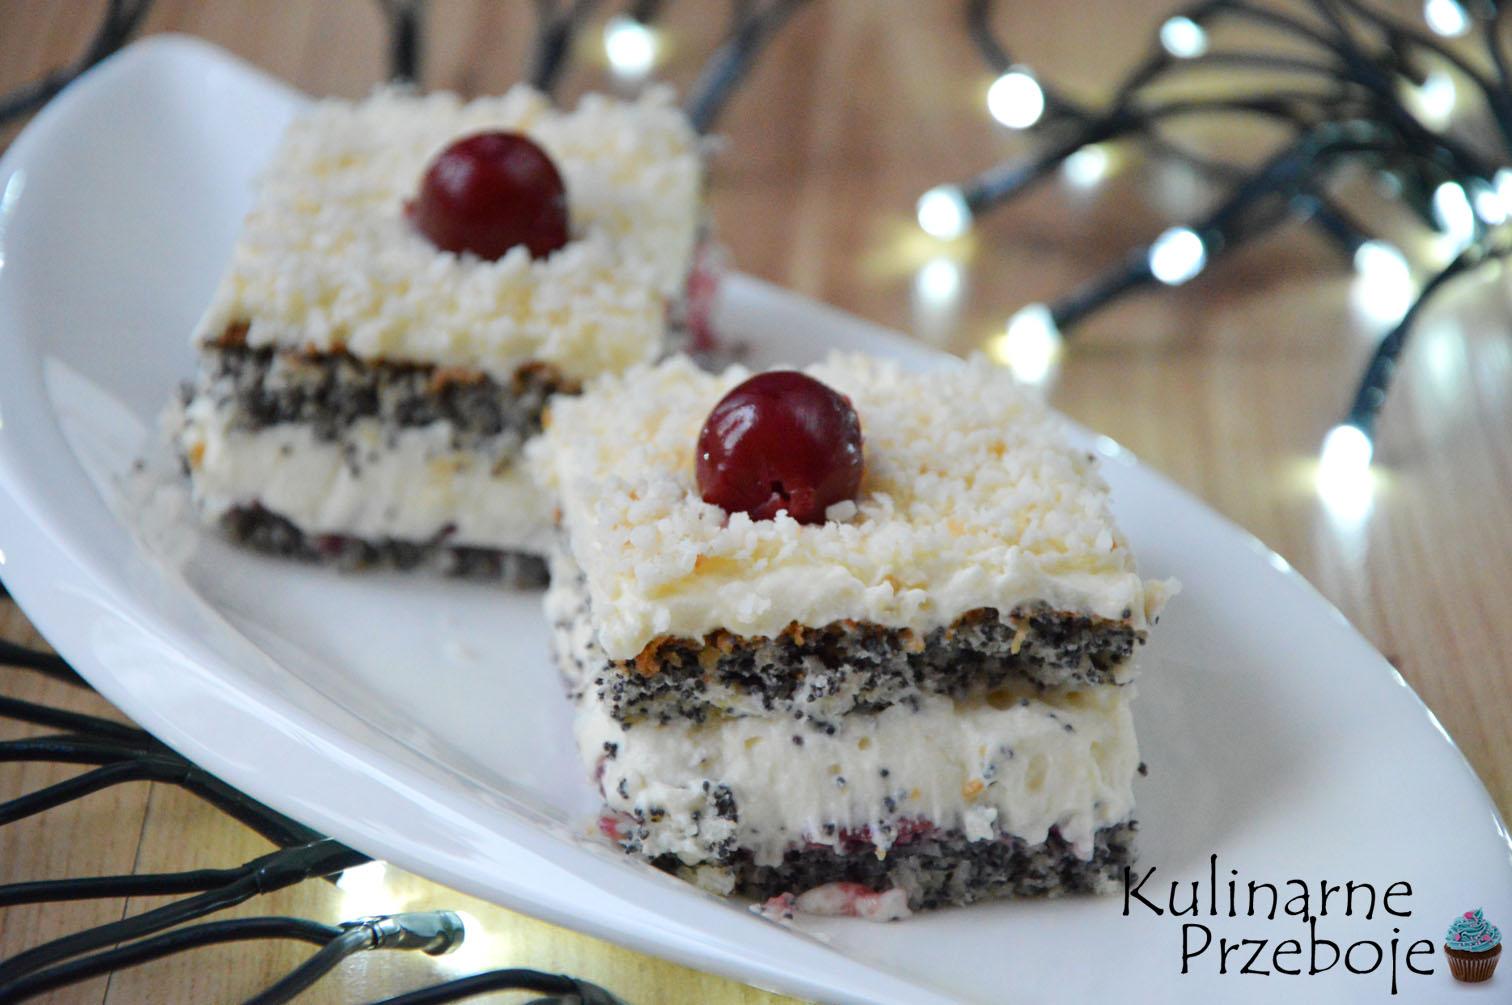 Dwa kawałki ciasta z makiem, wiórkami kokosowymi i wiśnią